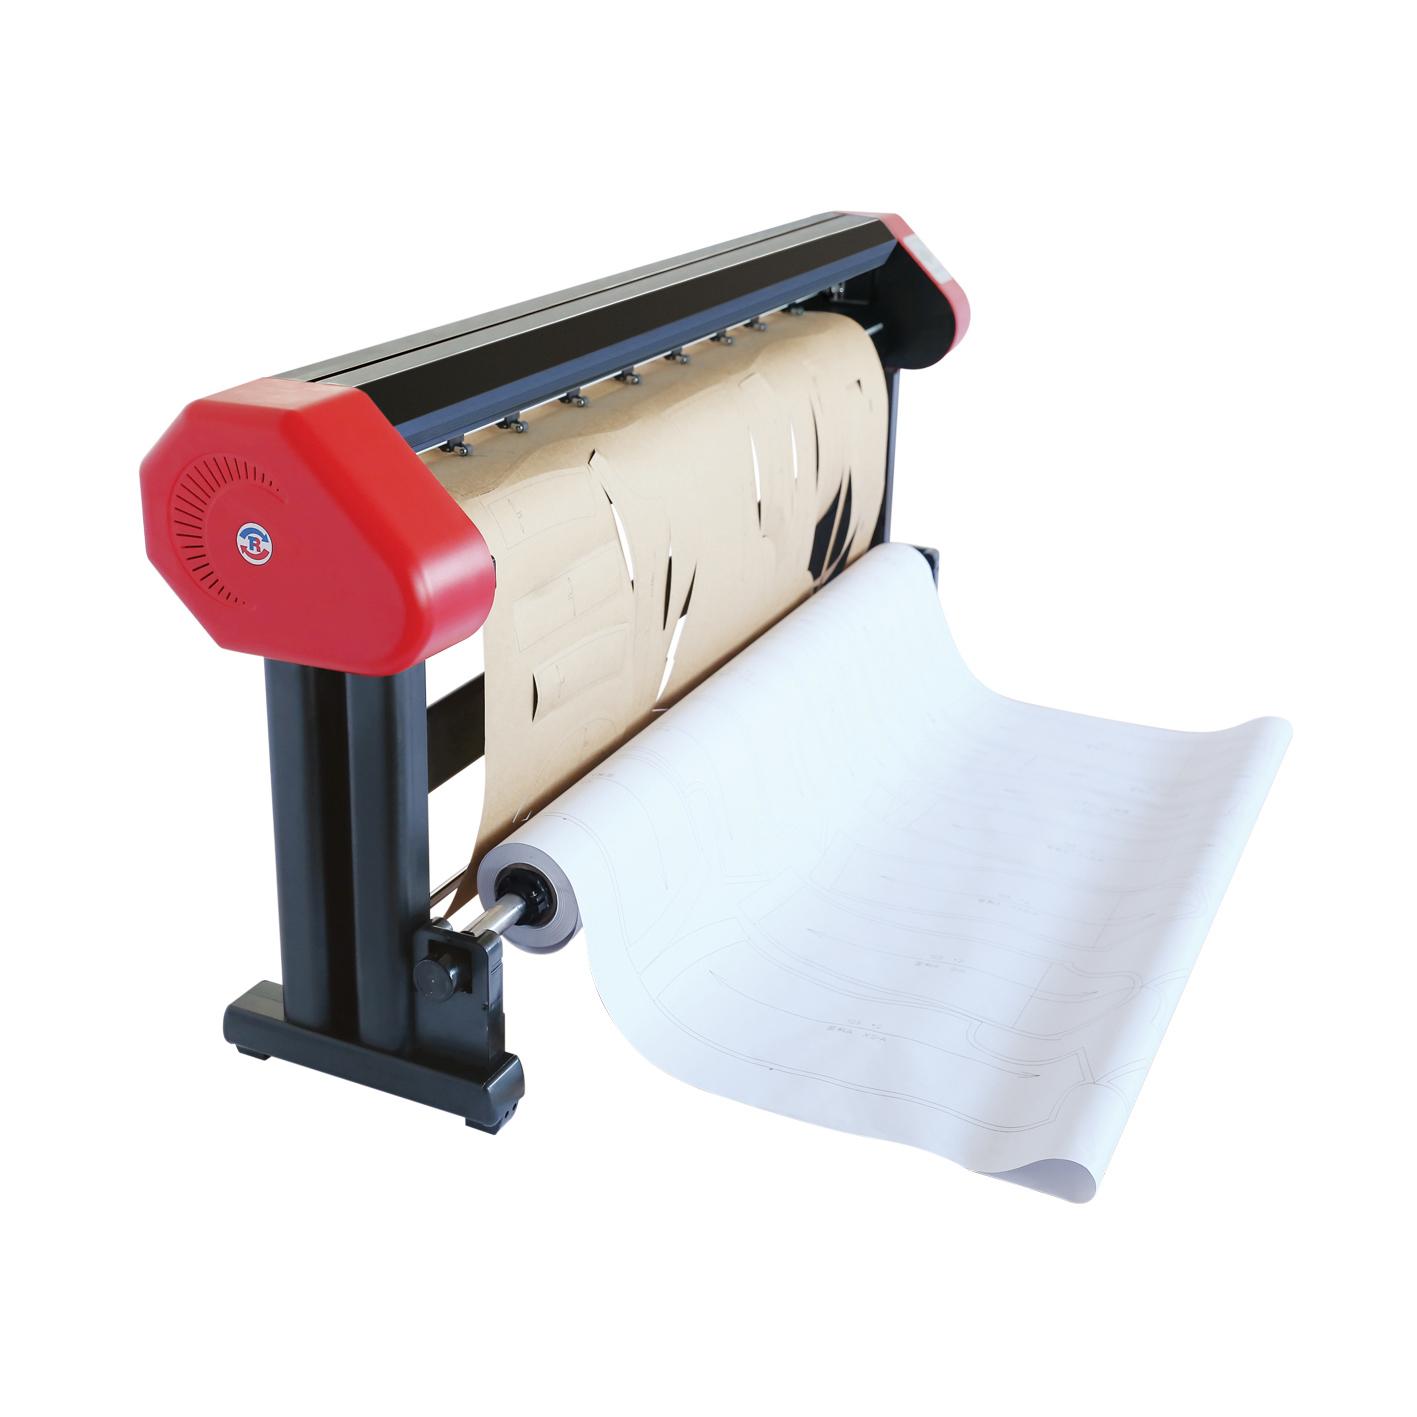 Máy cắt rập giấy cứng giá rẻ JSX 1800